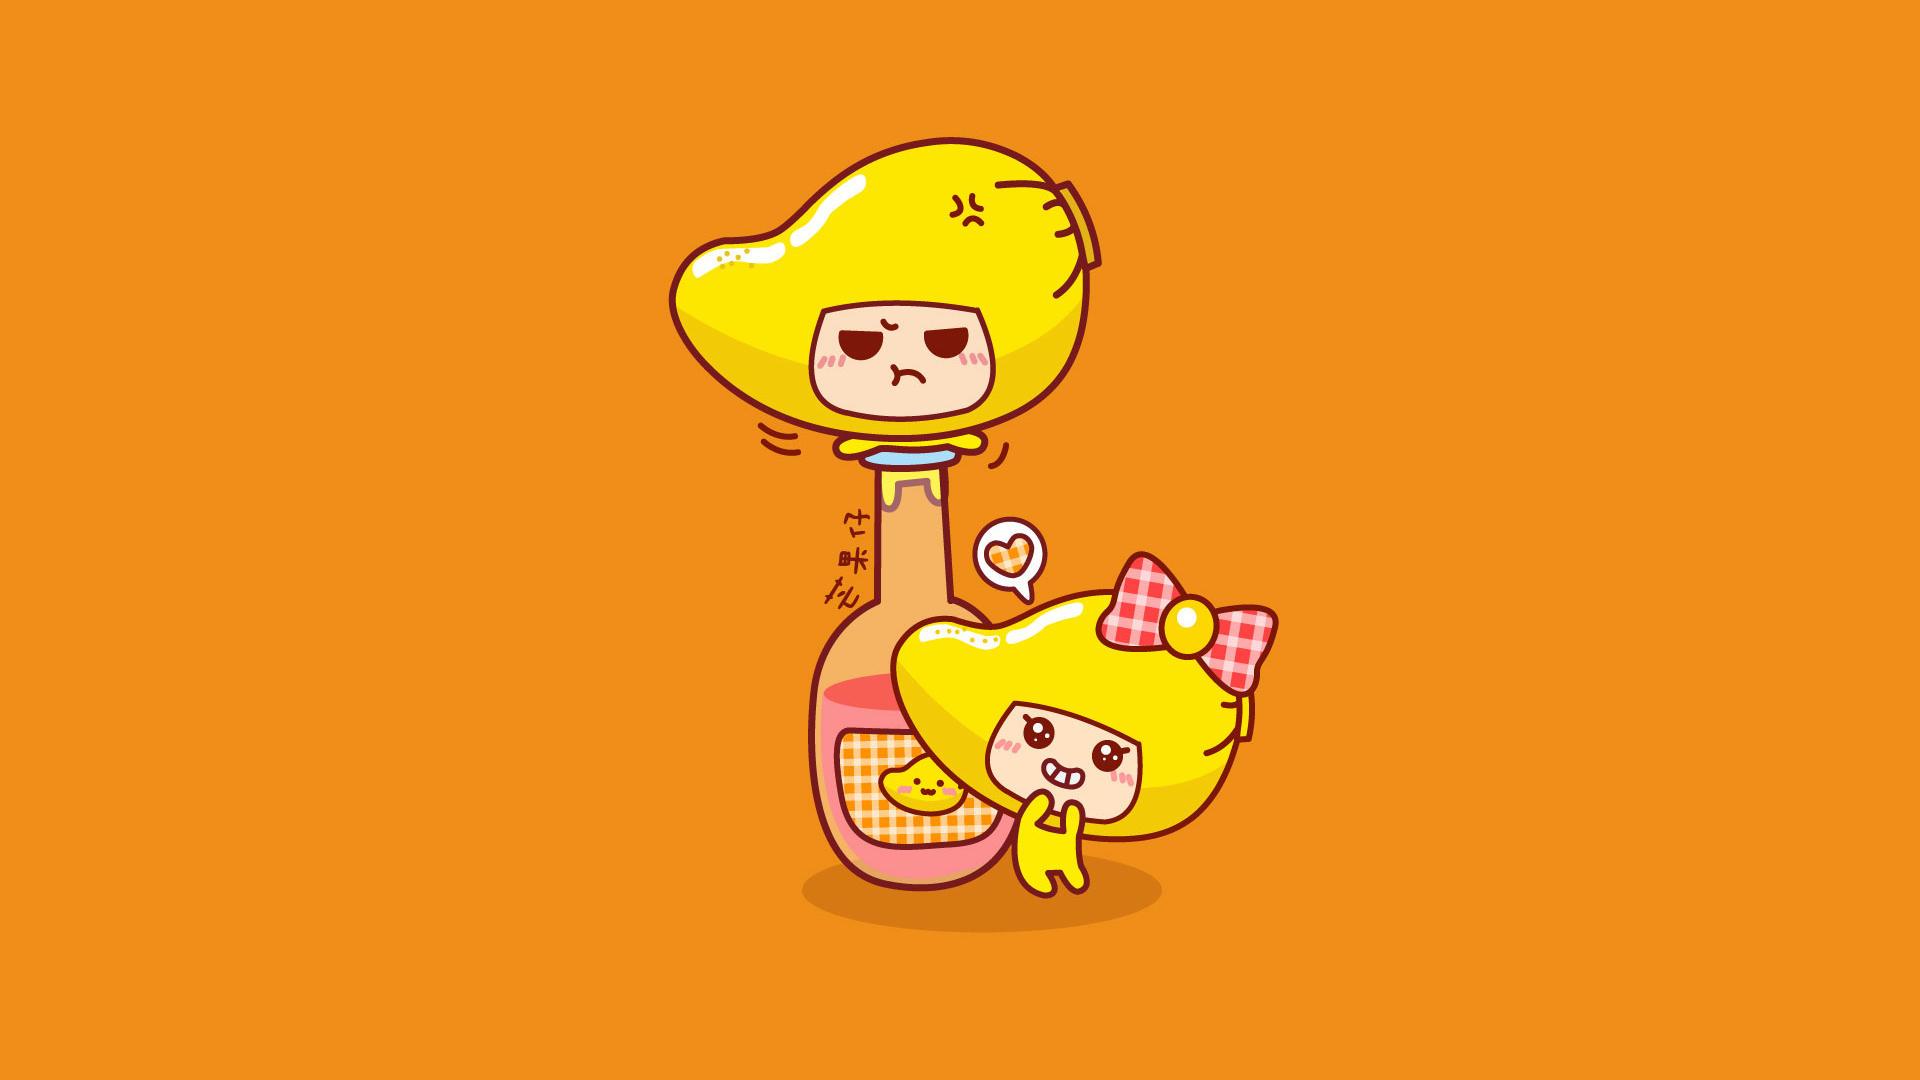 【v粉壁纸】可爱吃货芒果仔壁纸